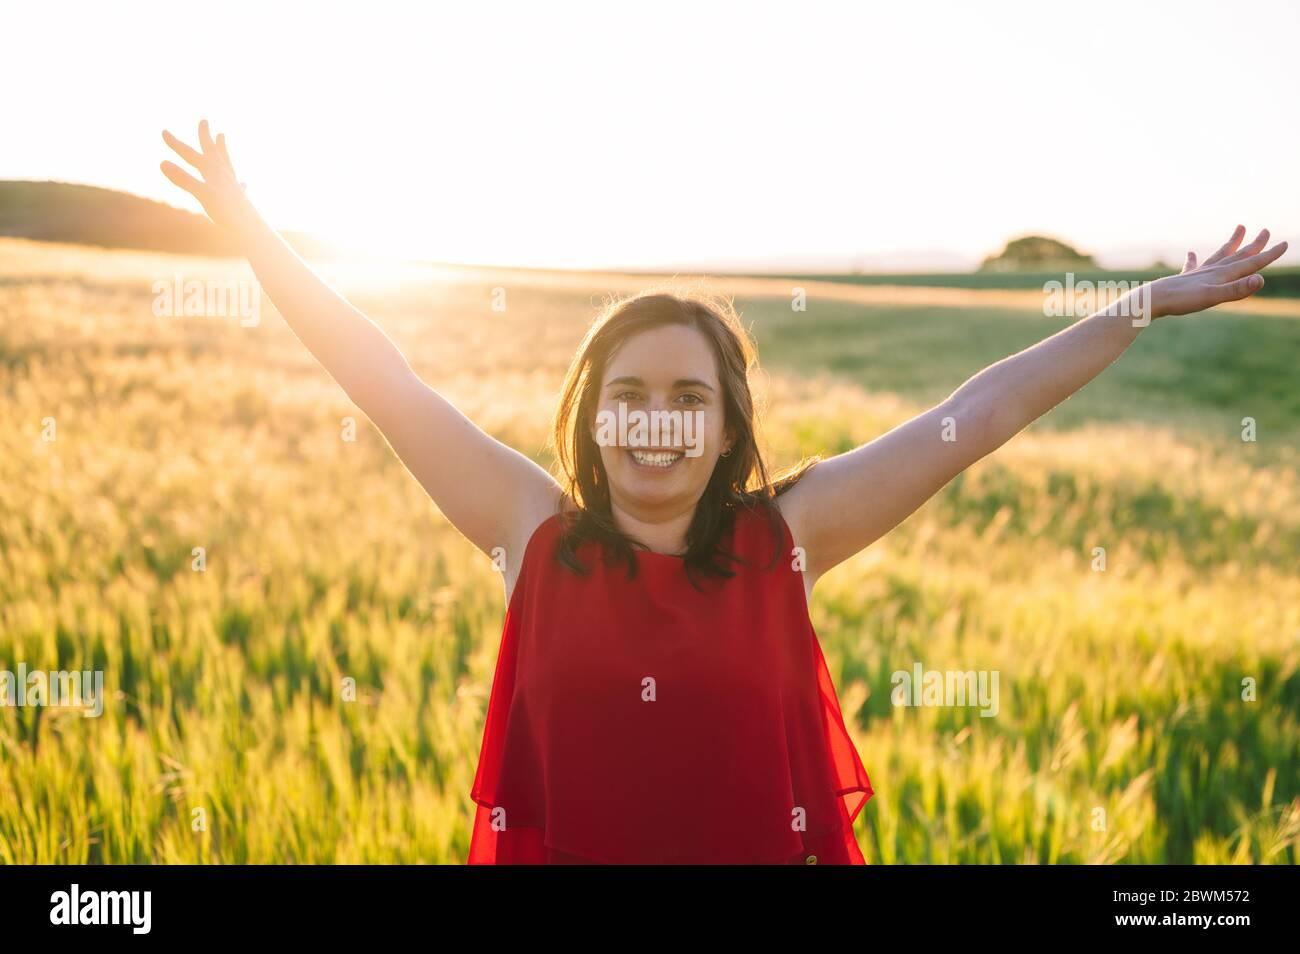 Les jeunes femmes sont soulevées jusqu'au ciel, célébrant la liberté. Émotions positives sentir la vie perception succès, paix de l'esprit concept. Fille heureuse gratuite dans un pré d'été profitant du coucher de soleil dans la nature . Banque D'Images